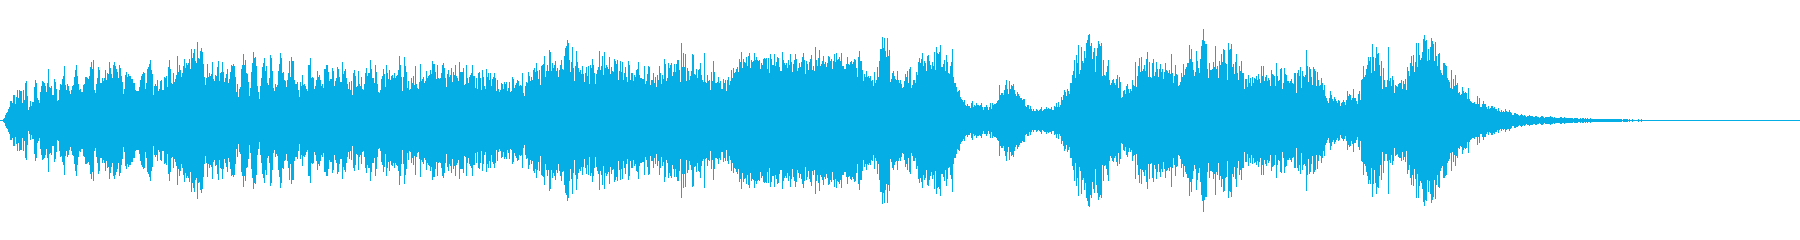 チューブメナスの再生済みの波形